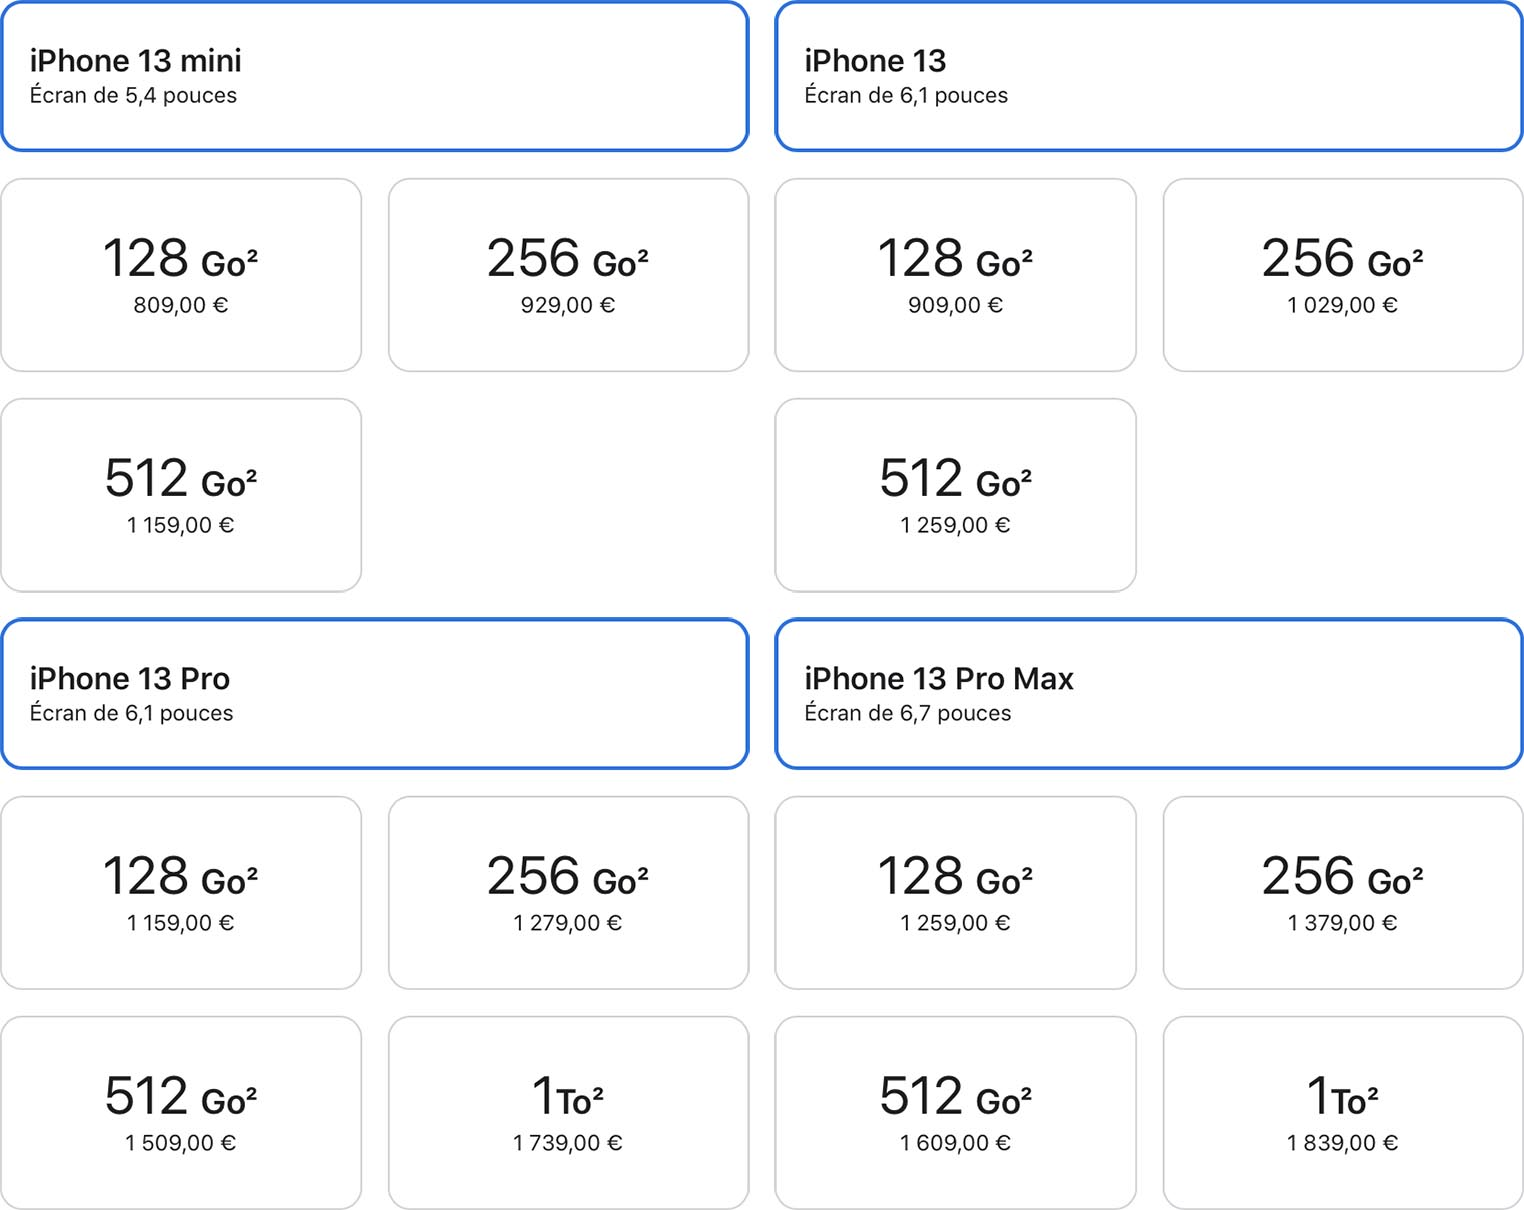 Capacités tarifs iPhone 13